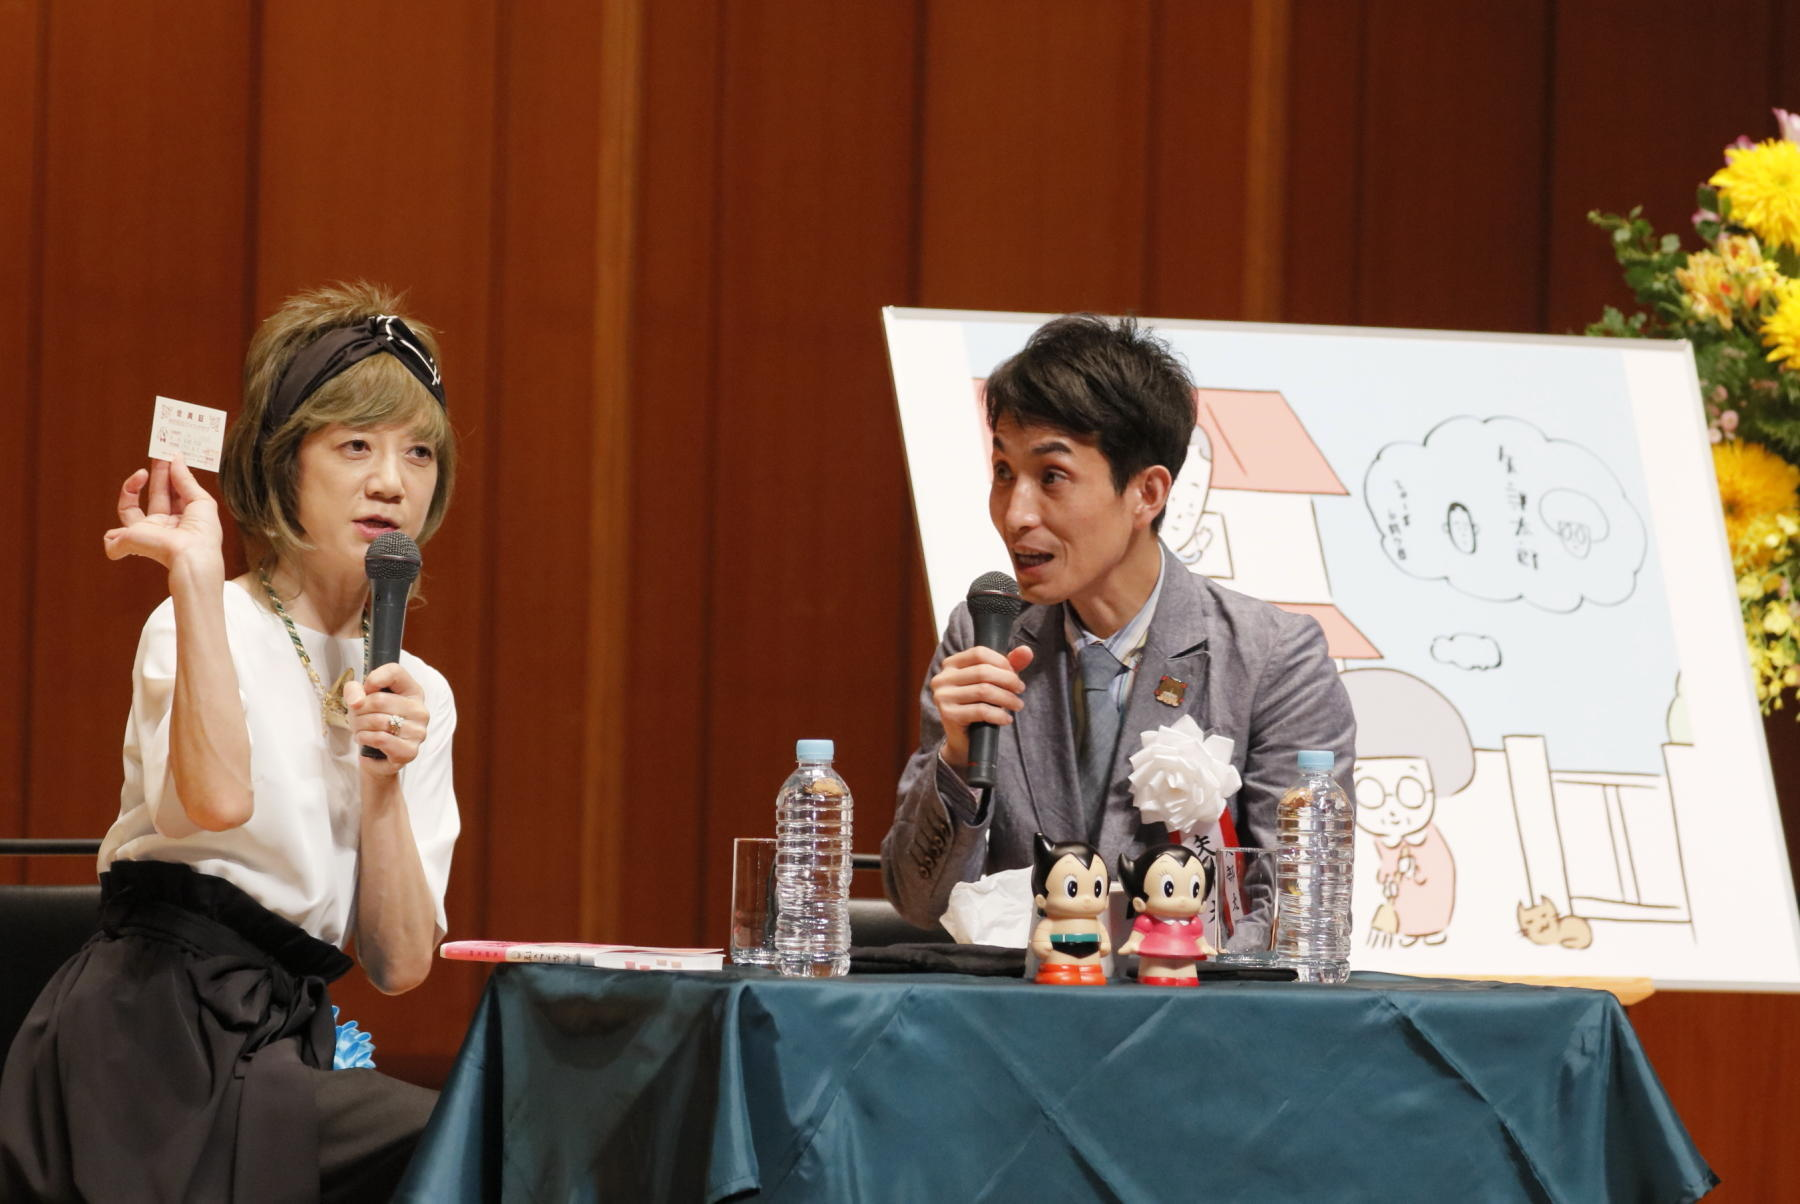 http://news.yoshimoto.co.jp/20180608001831-6ba5b933169d20a41ff952985dda54731684f485.jpg